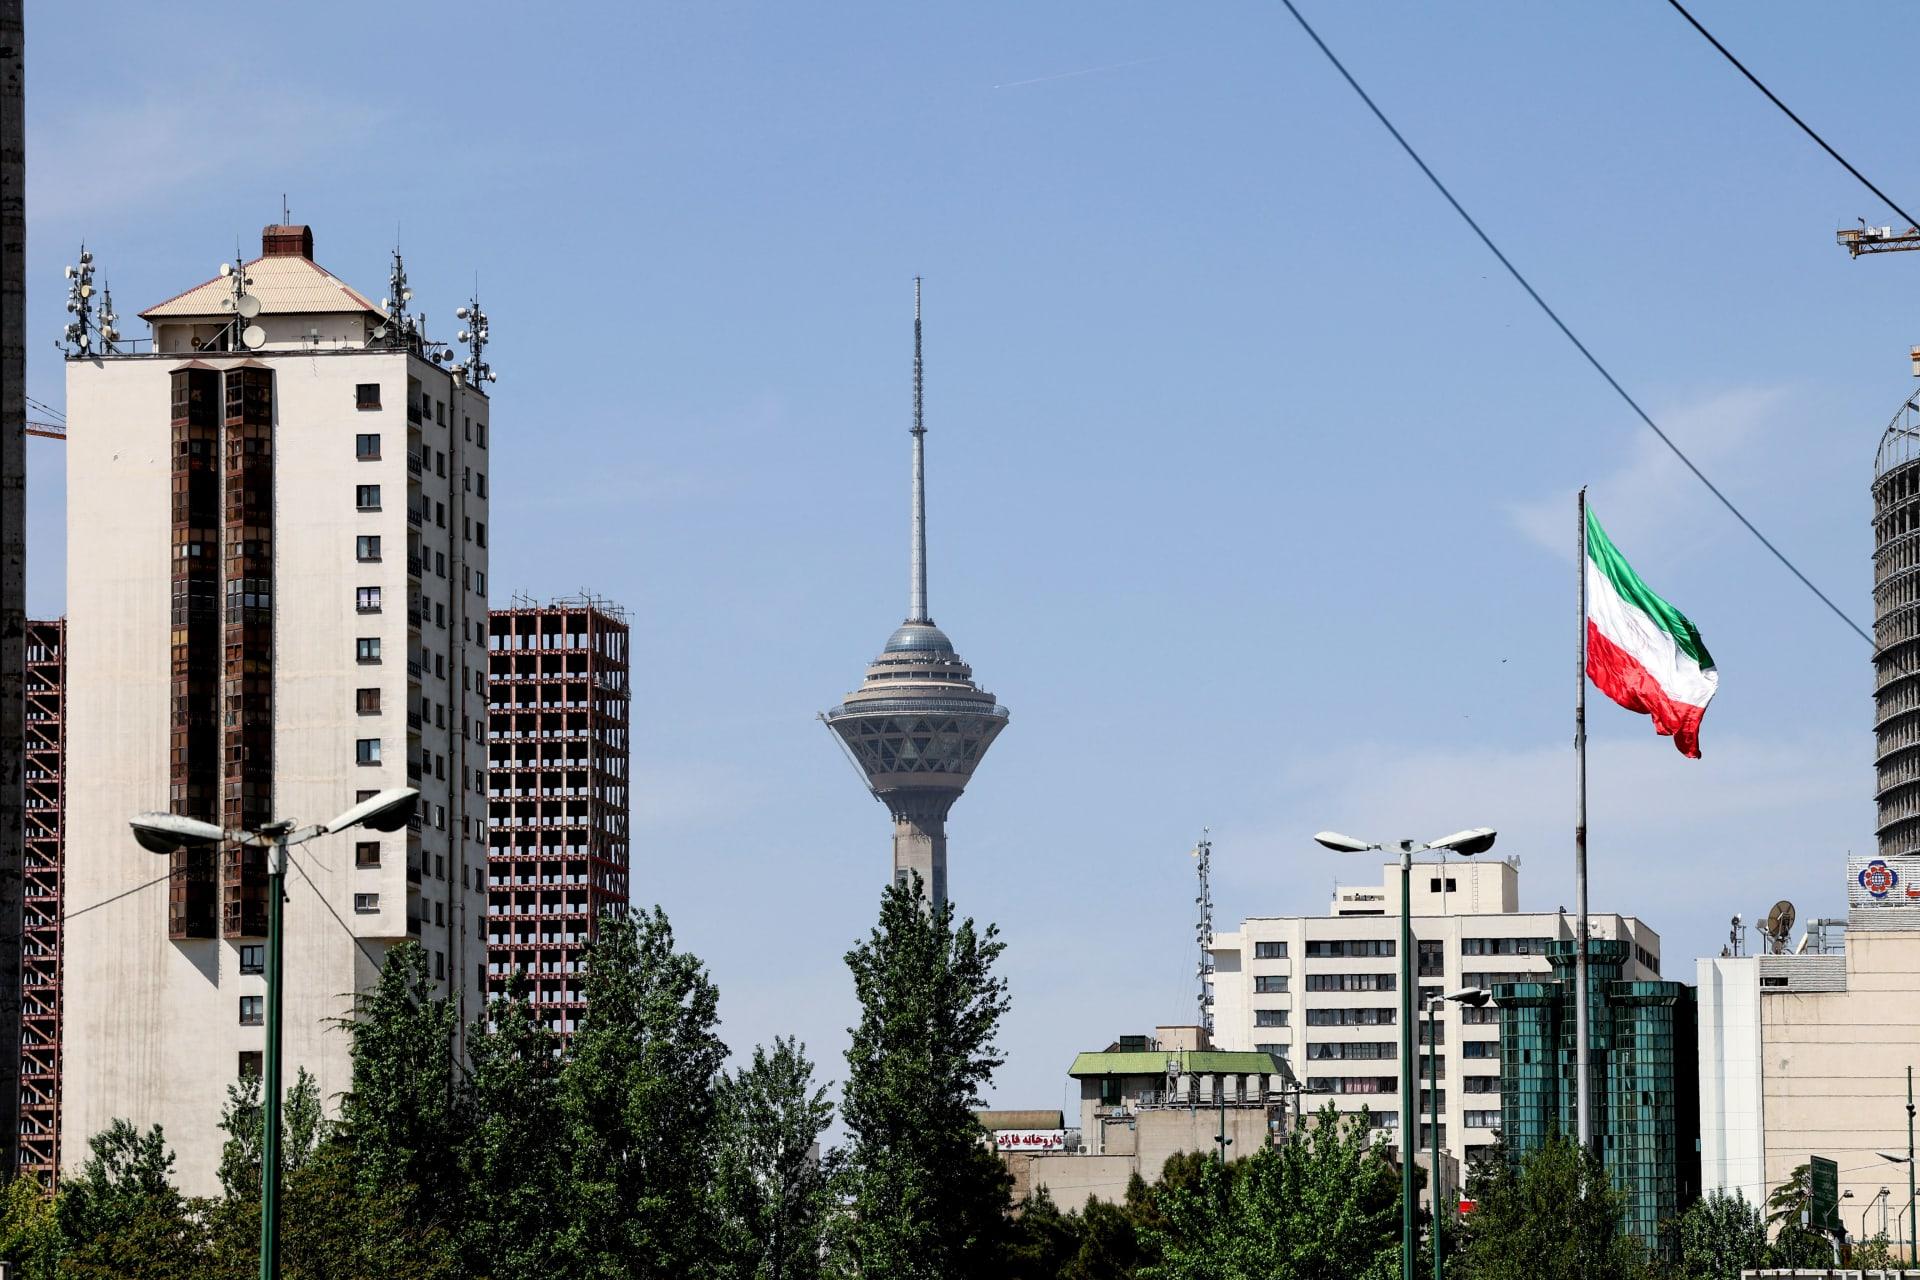 إيران: مصرع موظفة بالسفارة السويسرية سقطت من برج سكني.. والشرطة تحقق